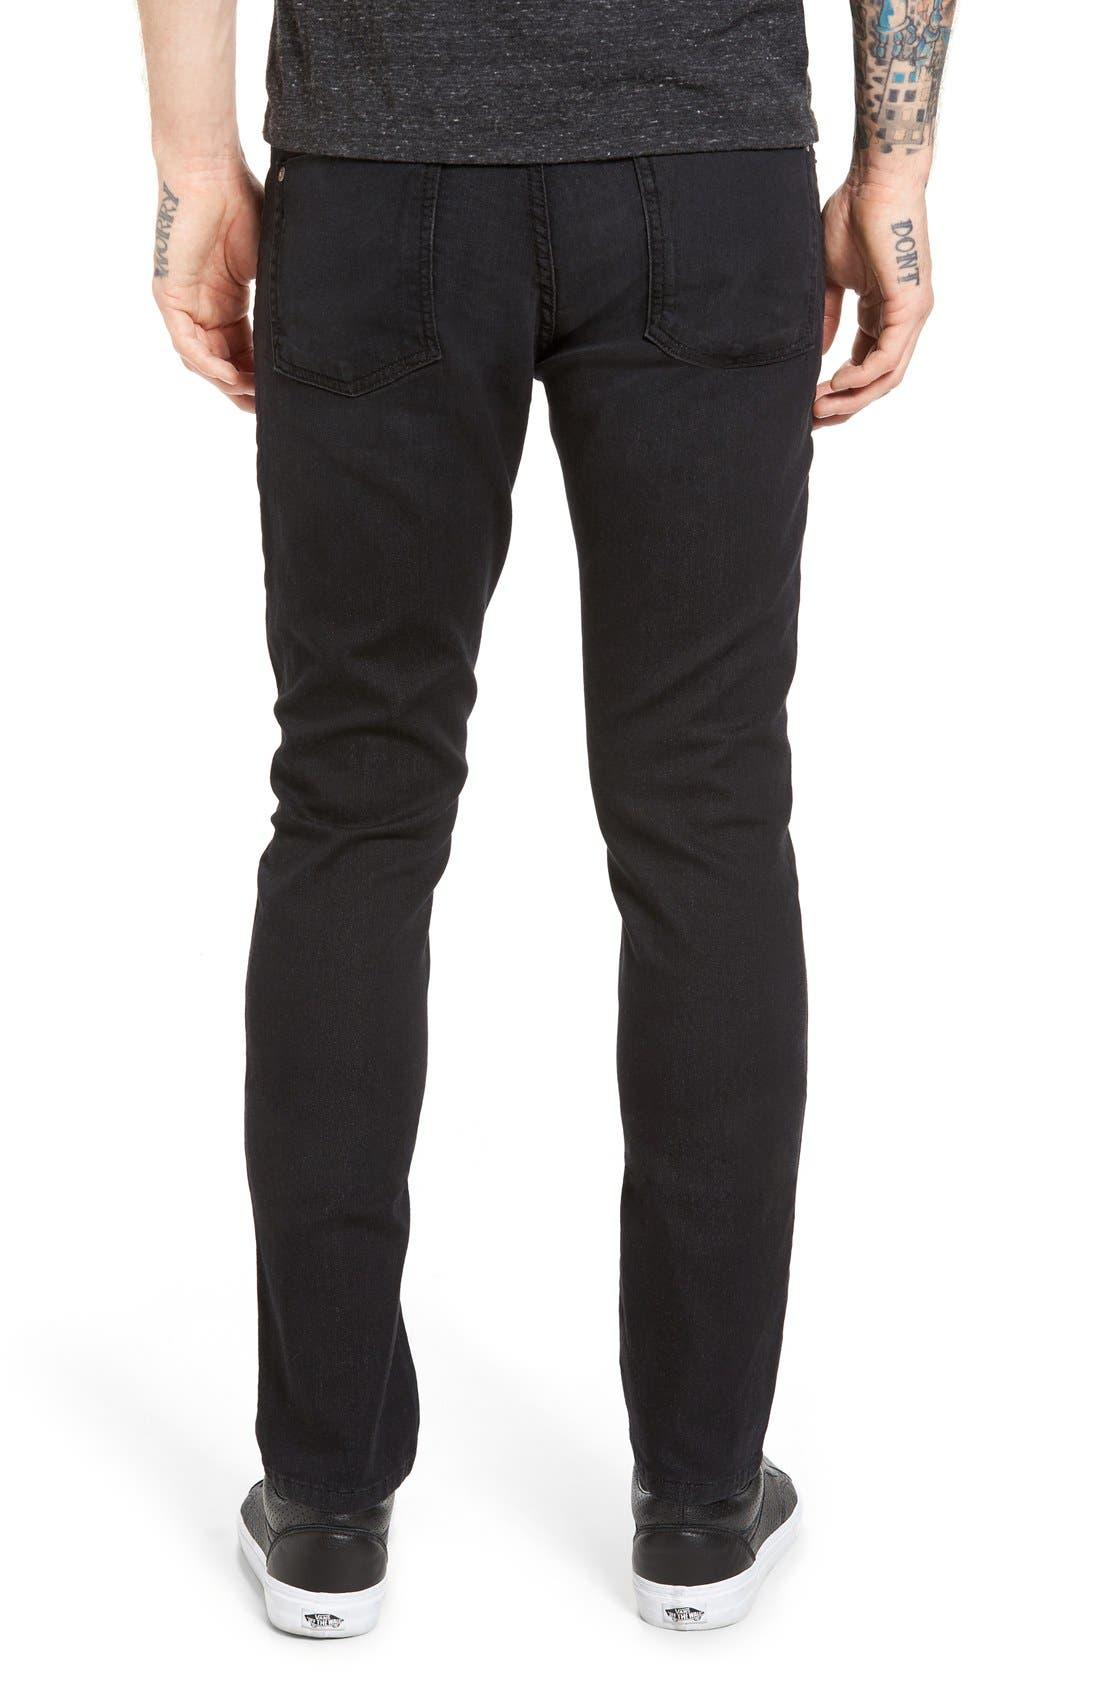 Torino Slim Fit Jeans,                             Alternate thumbnail 2, color,                             Raven Black